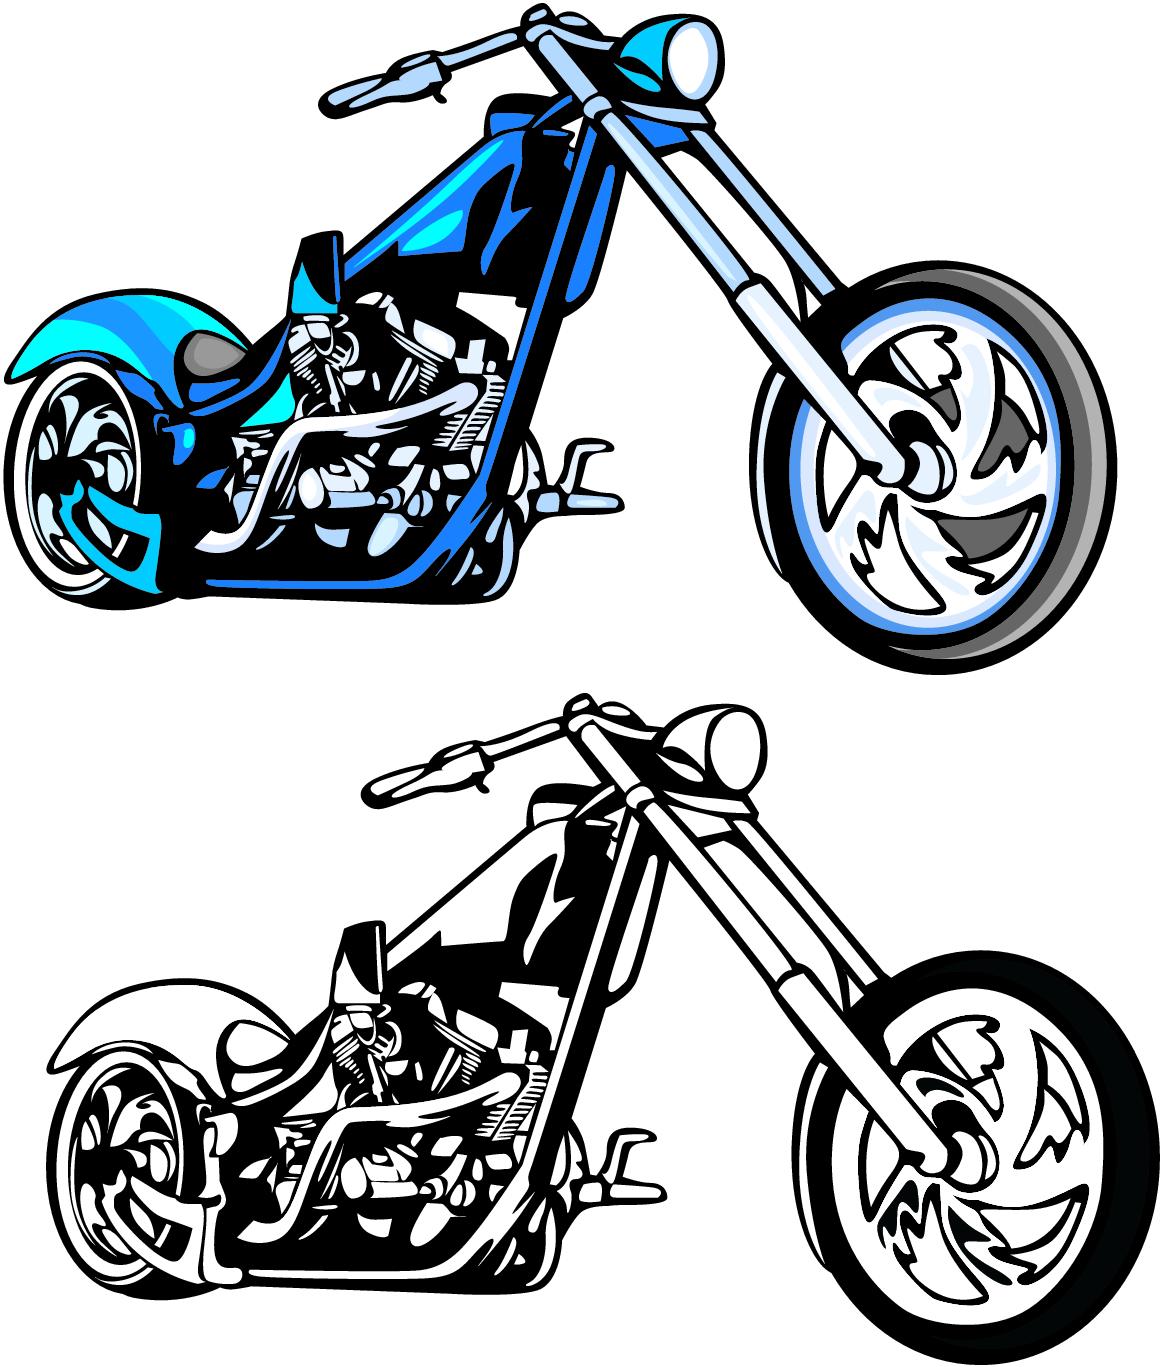 biker clipart - photo #13